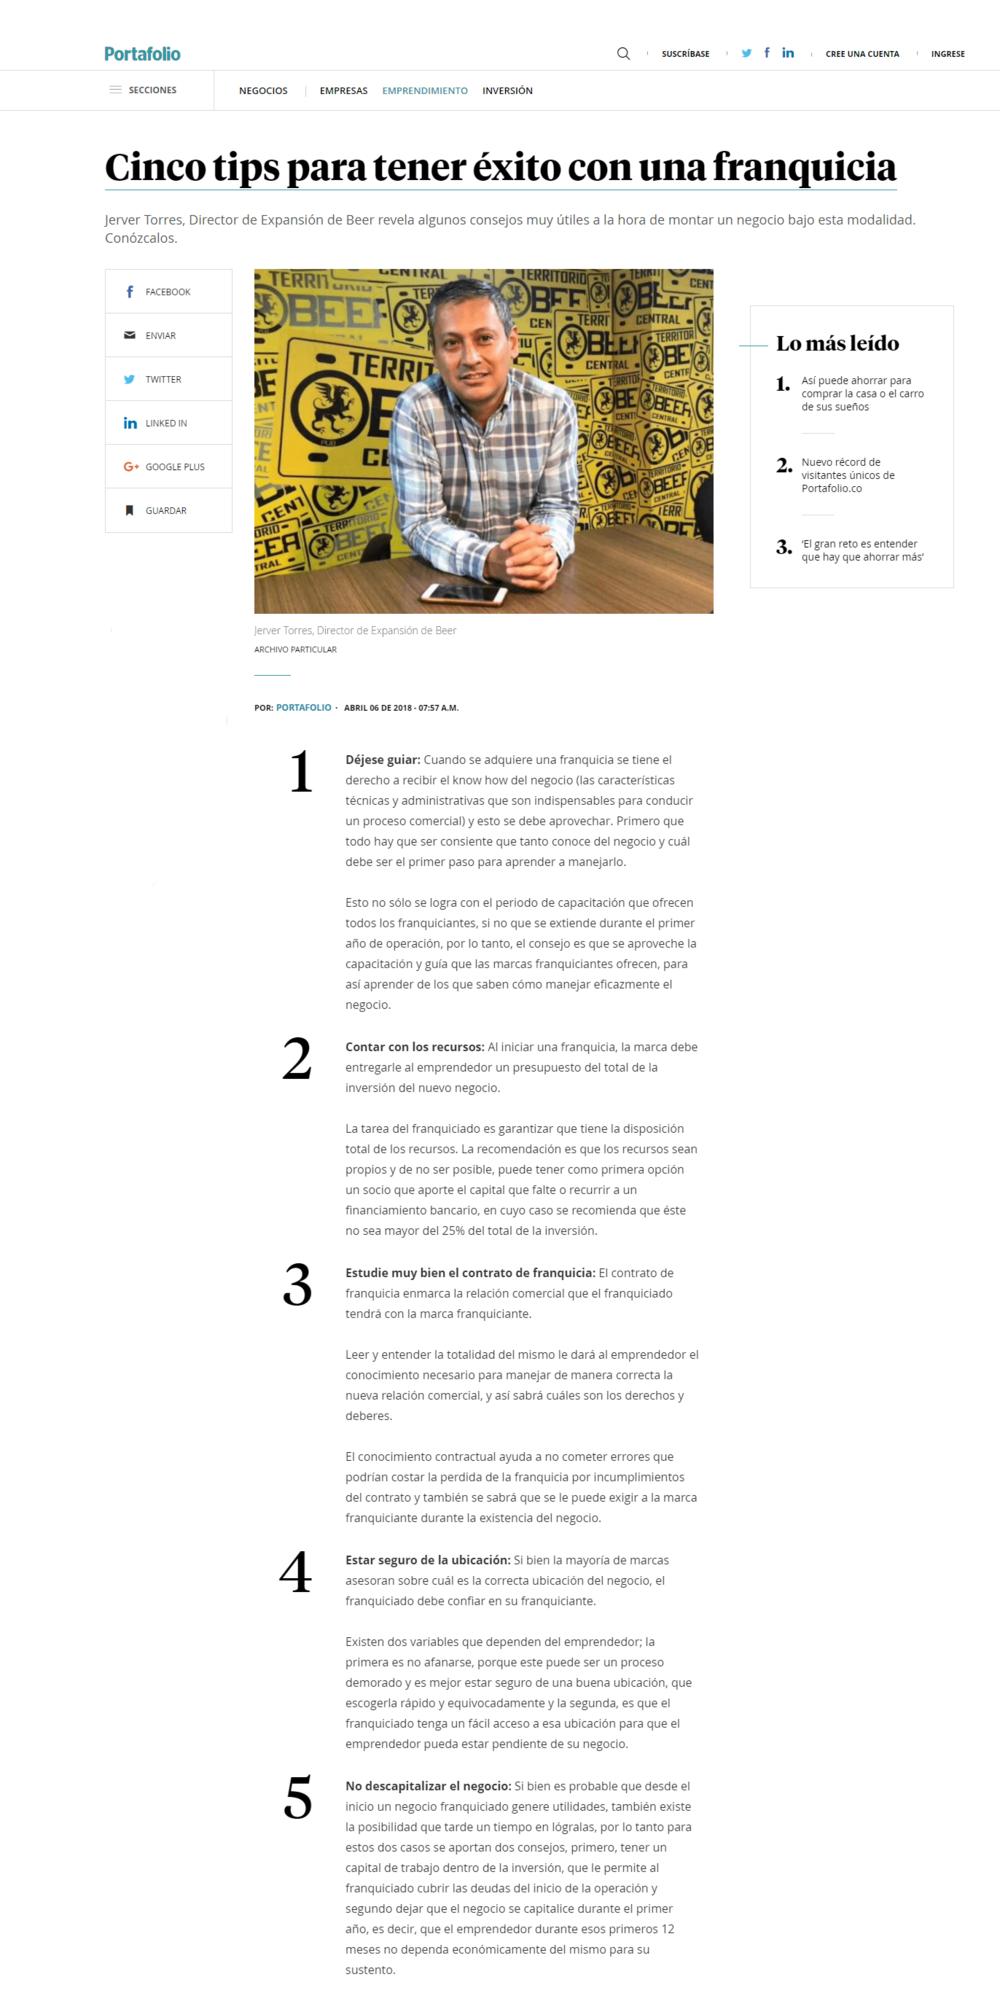 Cinco tips para tener éxito en una franquicia